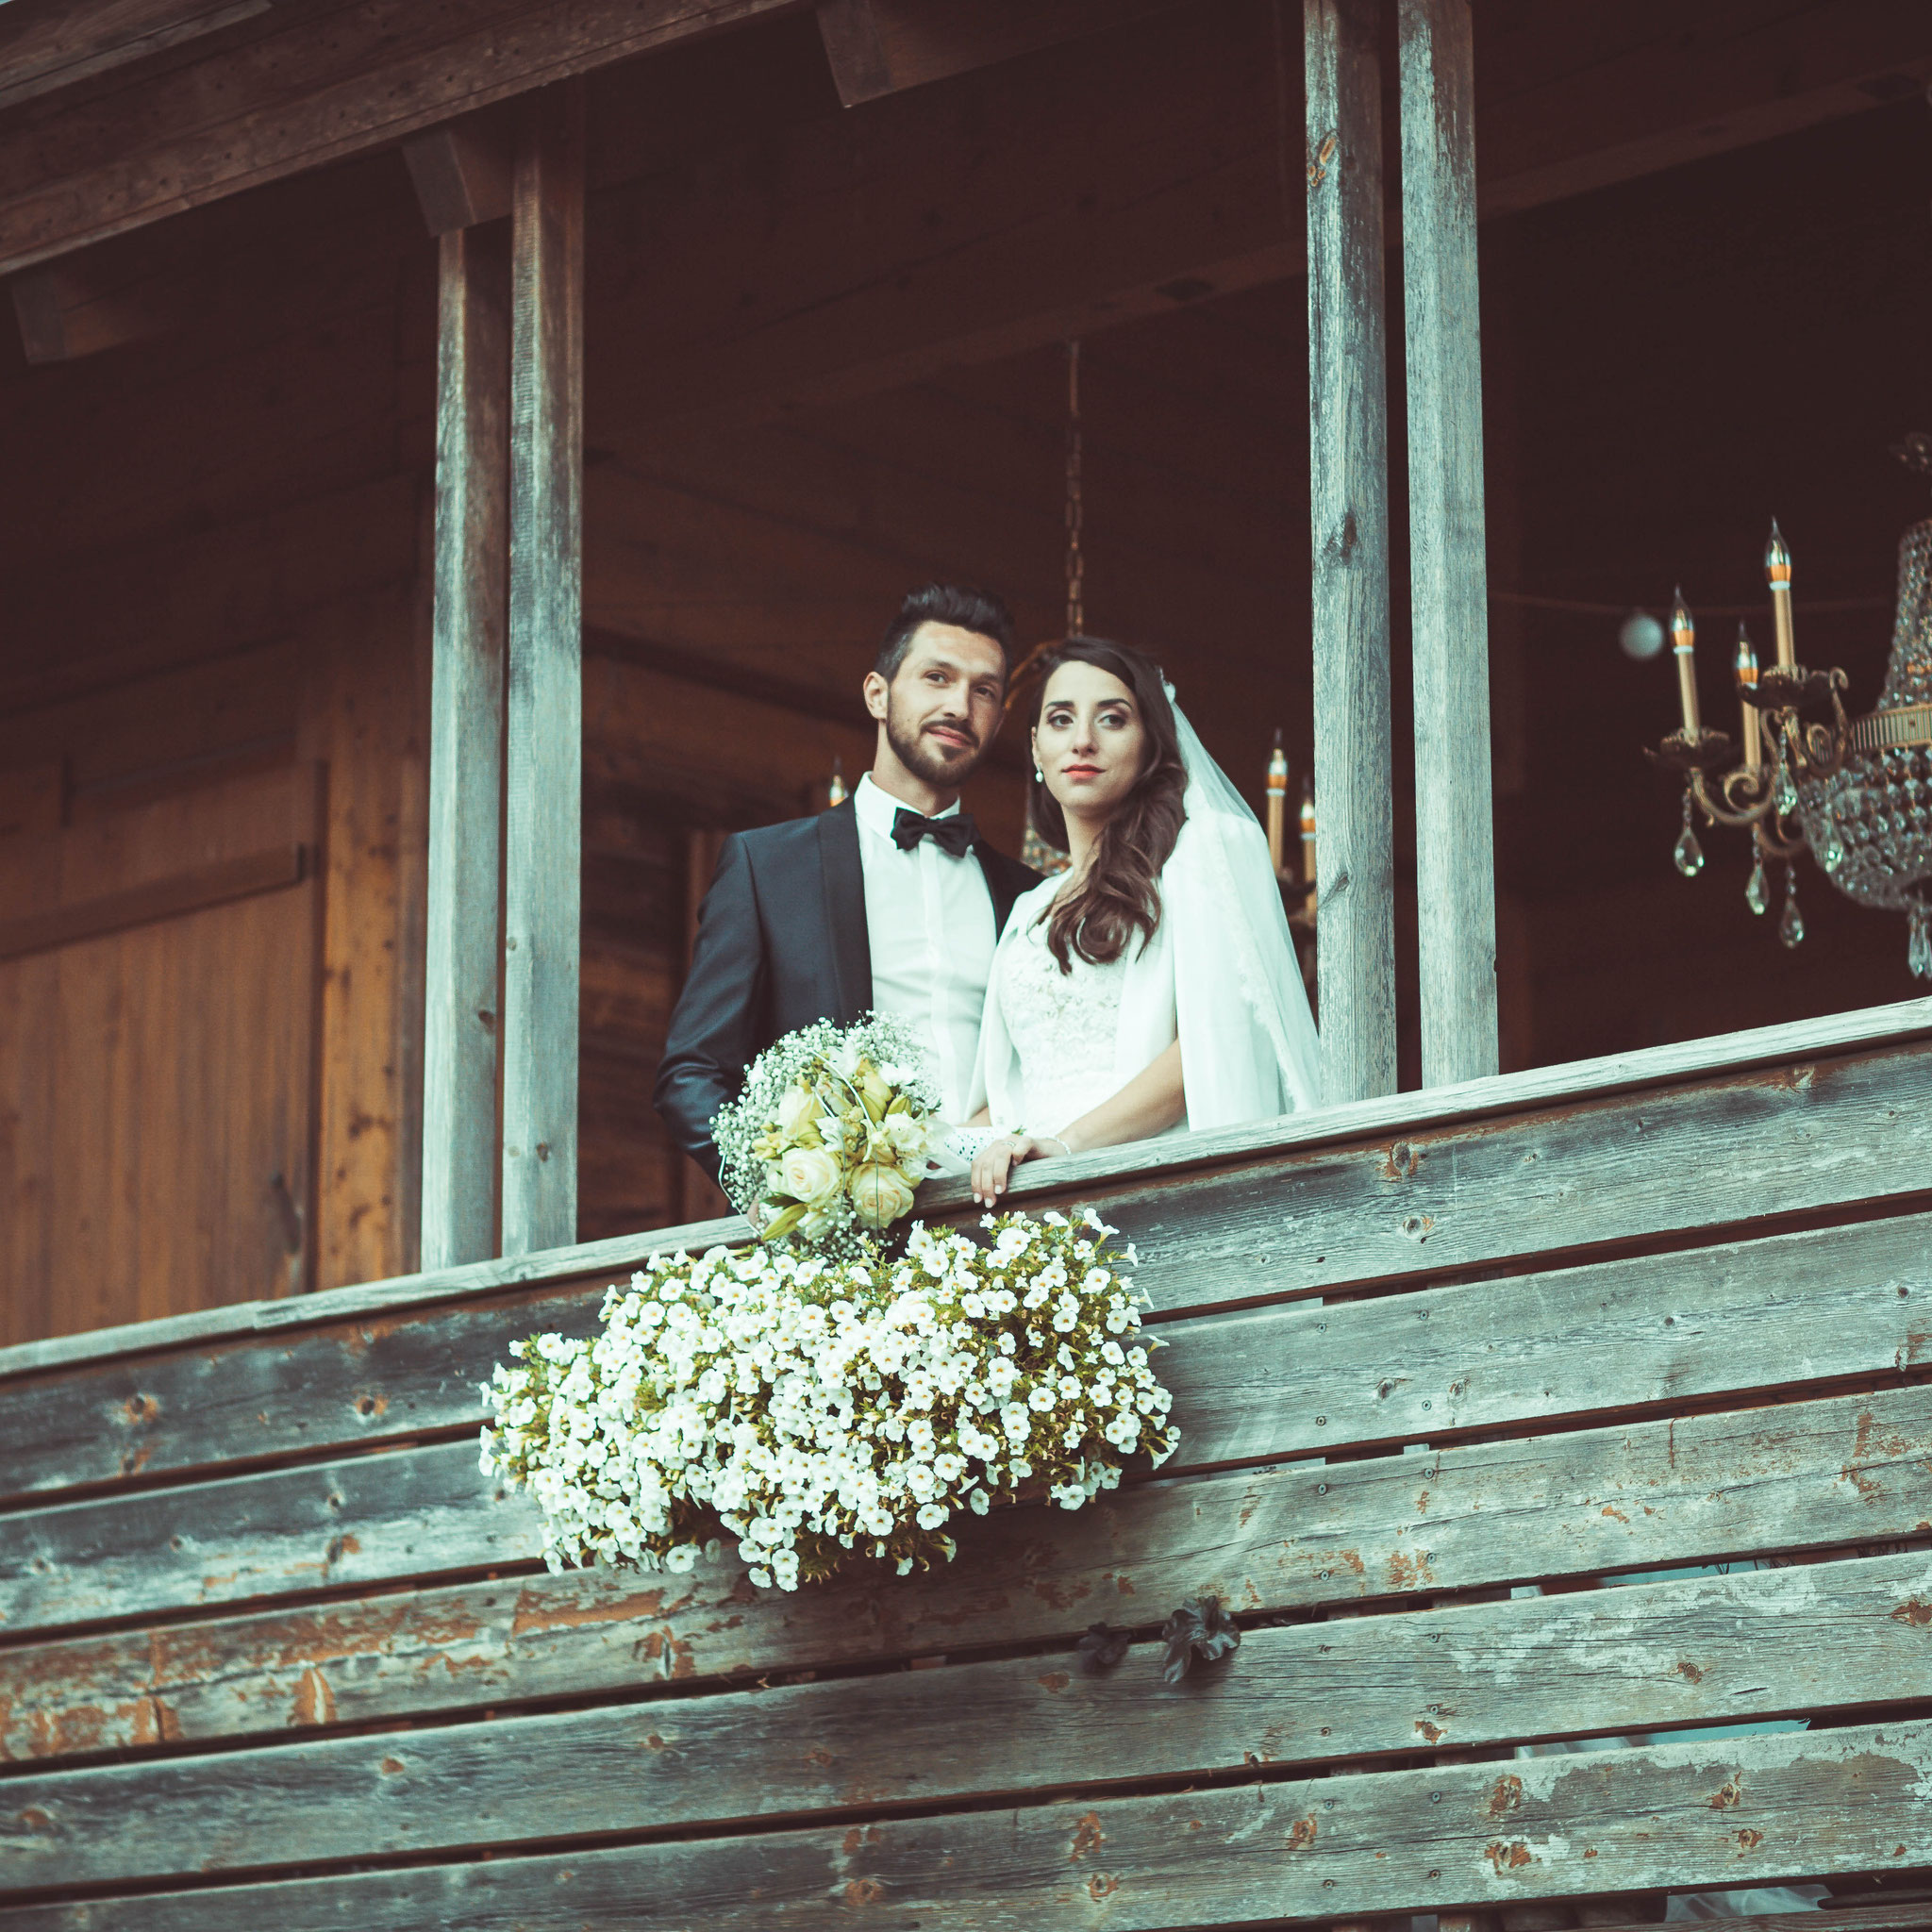 Hochzeitsfotograf für meine Hochzeit in Kassel